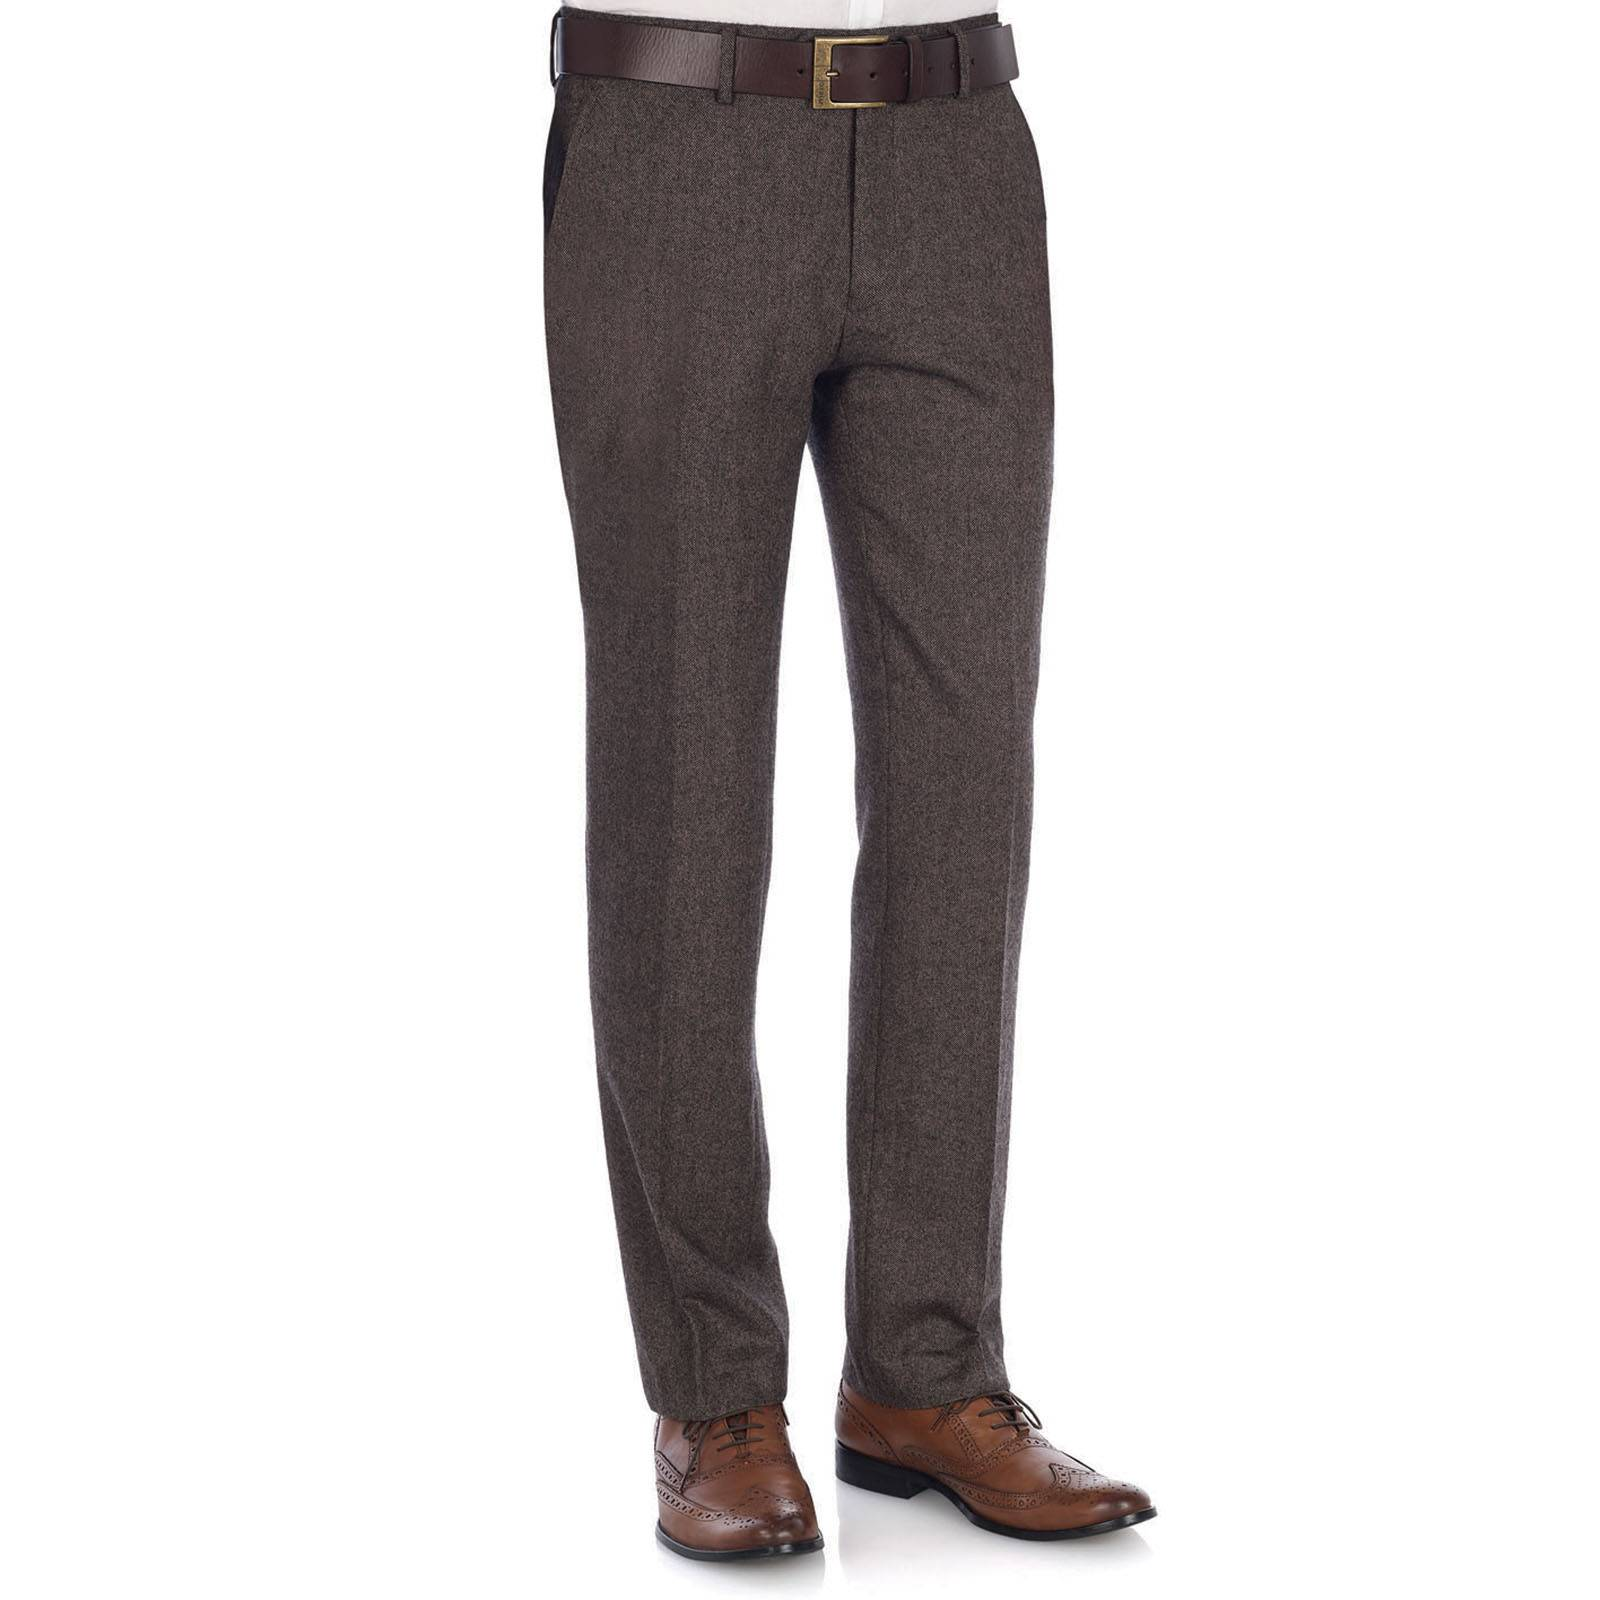 Брюки AntonioБрюки и шорты<br>Классические, типичного английского фасона мужские брюки из плотного твидового материала - сужающиеся книзу и на слегка завышенной талии. Образуют традиционный для Туманного Альбиона лук вместе с верблюжьего цвета дафлкотом, рыжими брогами или Челси бутс. Отлично сочетаются с традиционным клетчатыми рубашками приглушенных тонов, узоры которых имеют оттенки синего, зеленого или светло-коричневого цветов, а также со светлым (бежевым или молочным) трикотажем.<br><br>Артикул: 1212203<br>Материал: 50% шерсть, 30% полиэстер, 20% вискоза<br>Цвет: коричневый<br>Пол: Мужской